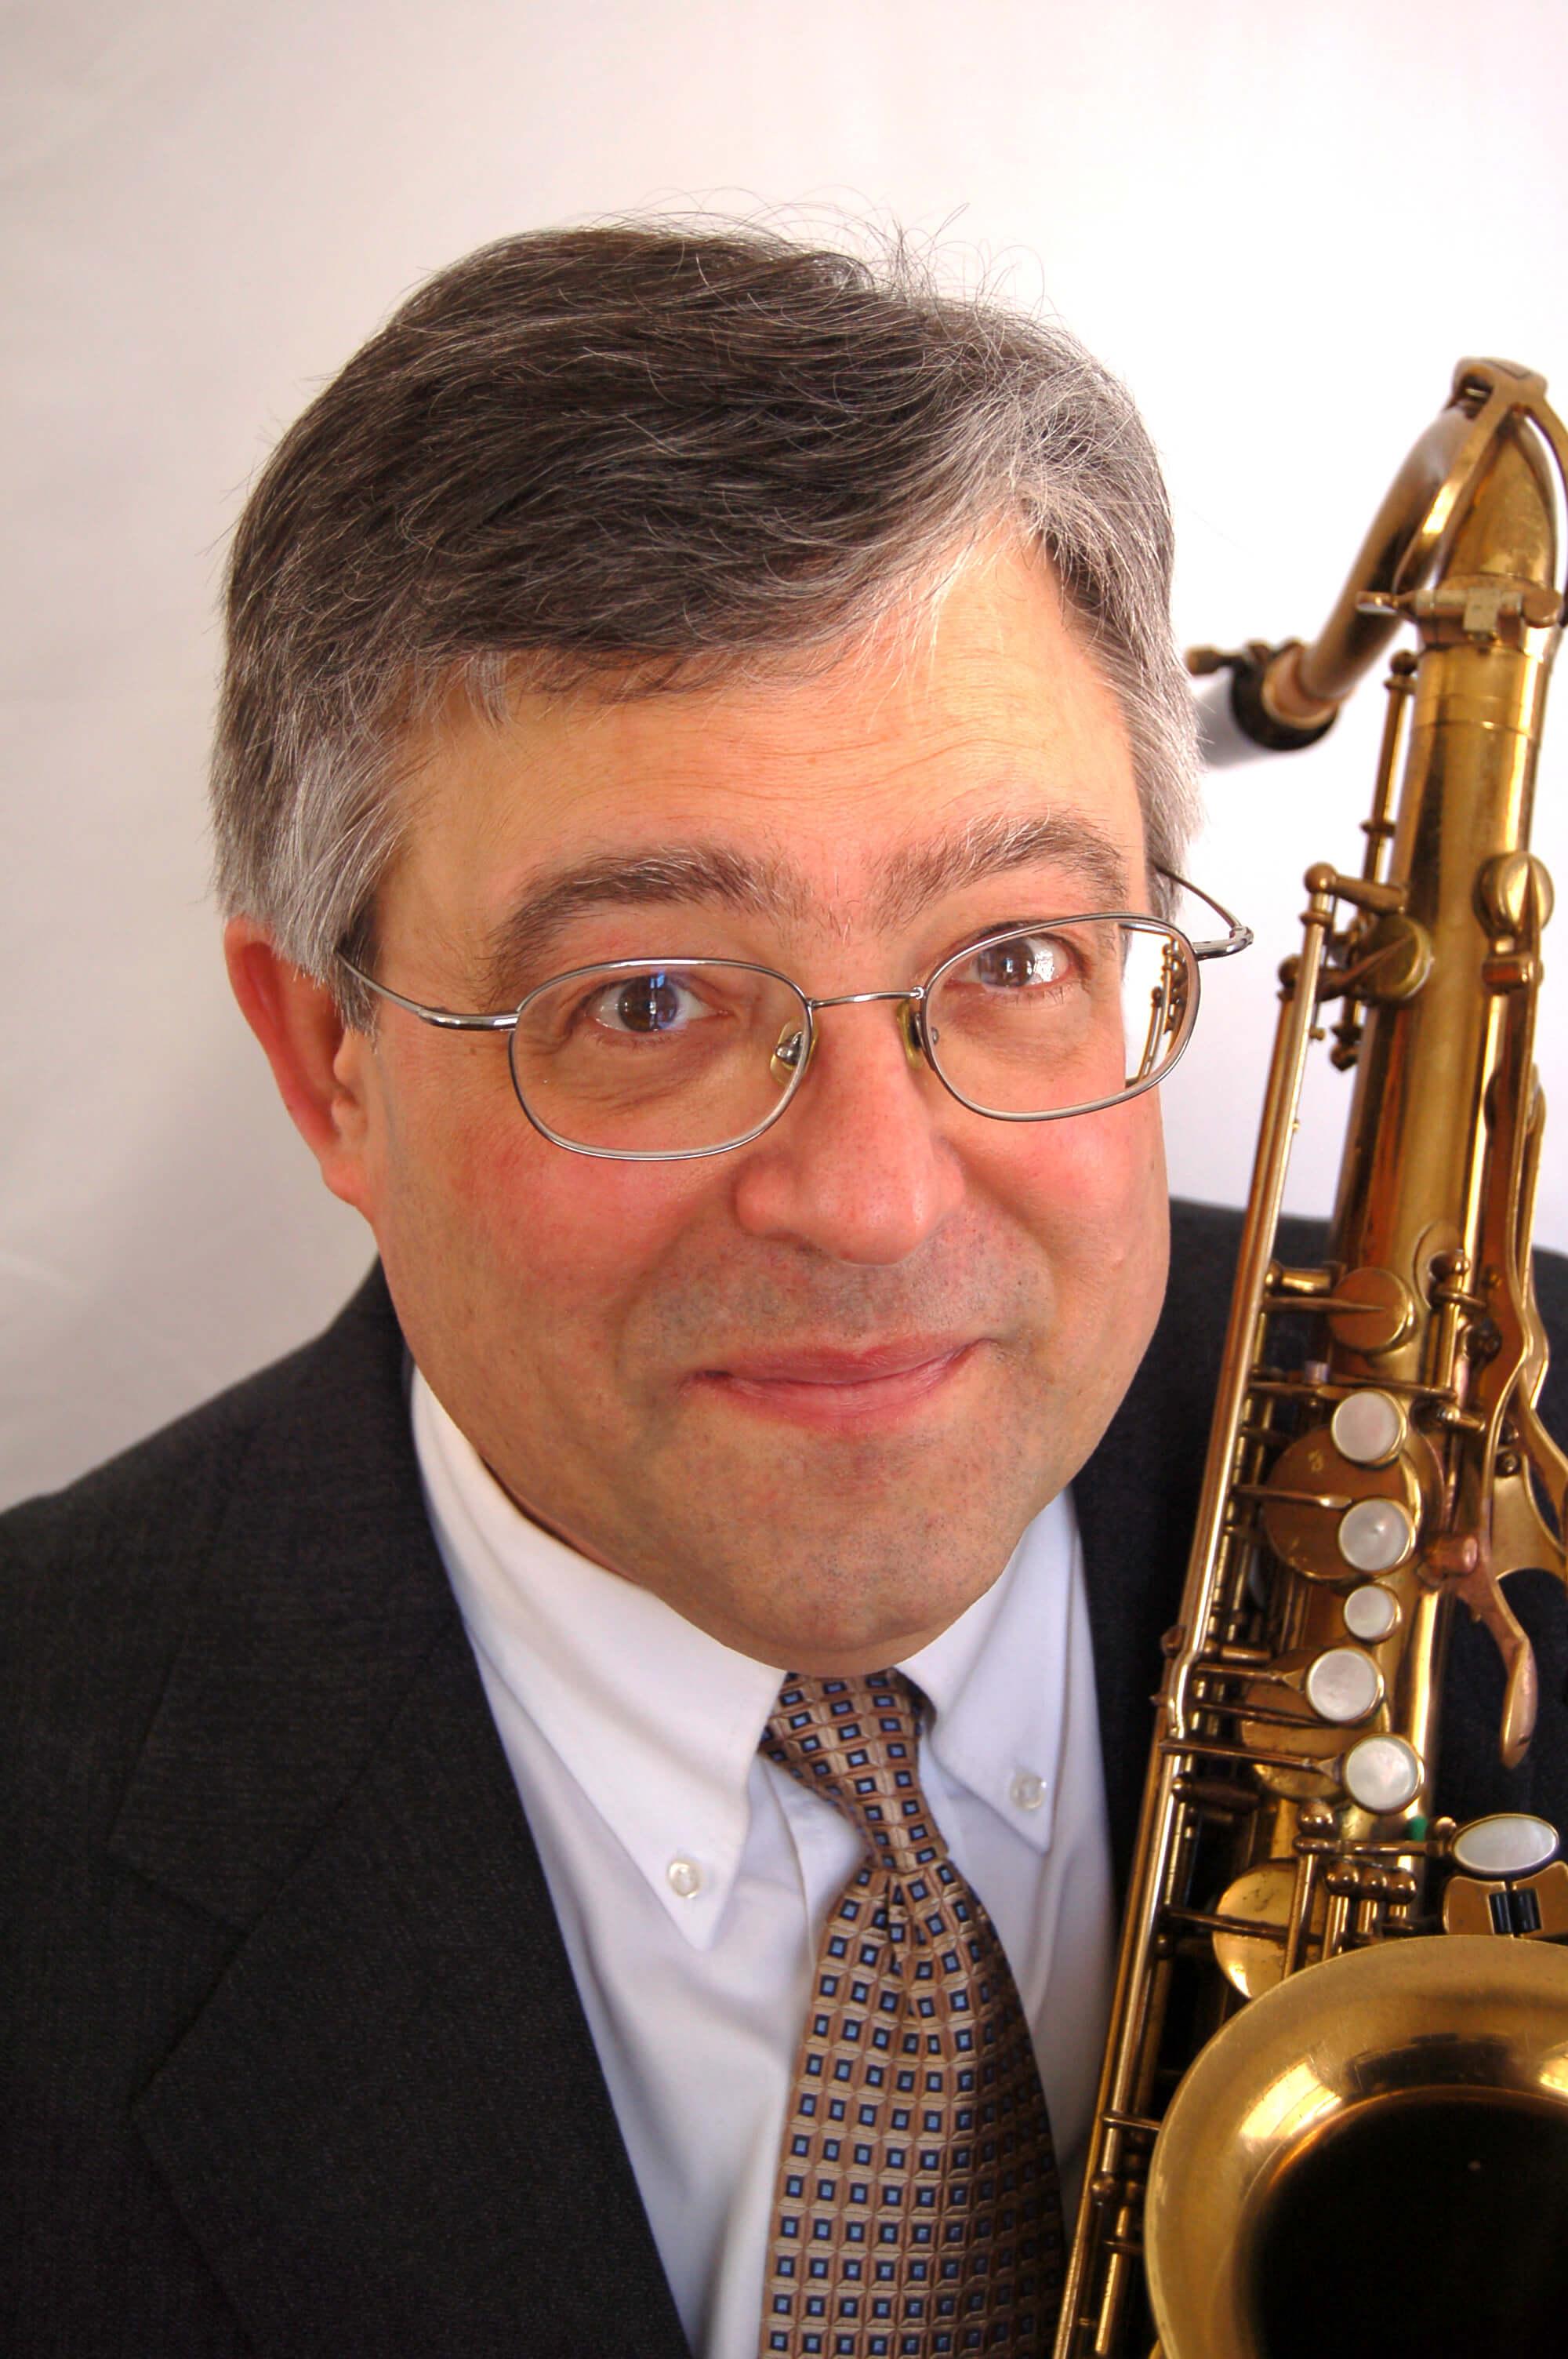 Frank Grosso